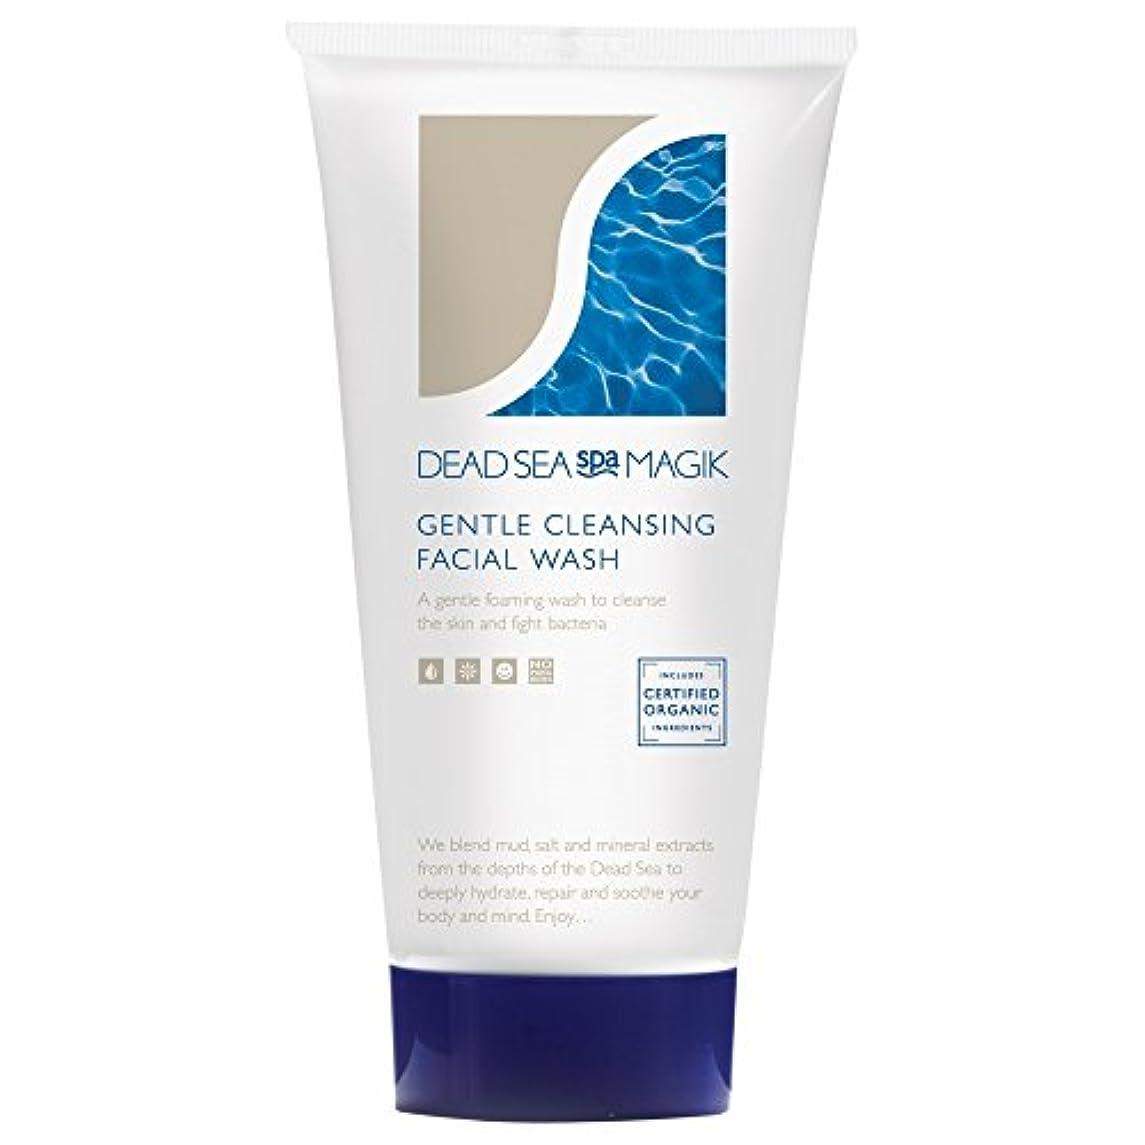 ジャンプ石油科学者死海のスパマジック洗顔料、150ミリリットル (Dead Sea Spa Magik) - Dead Sea Spa Magik Facial Wash, 150ml [並行輸入品]